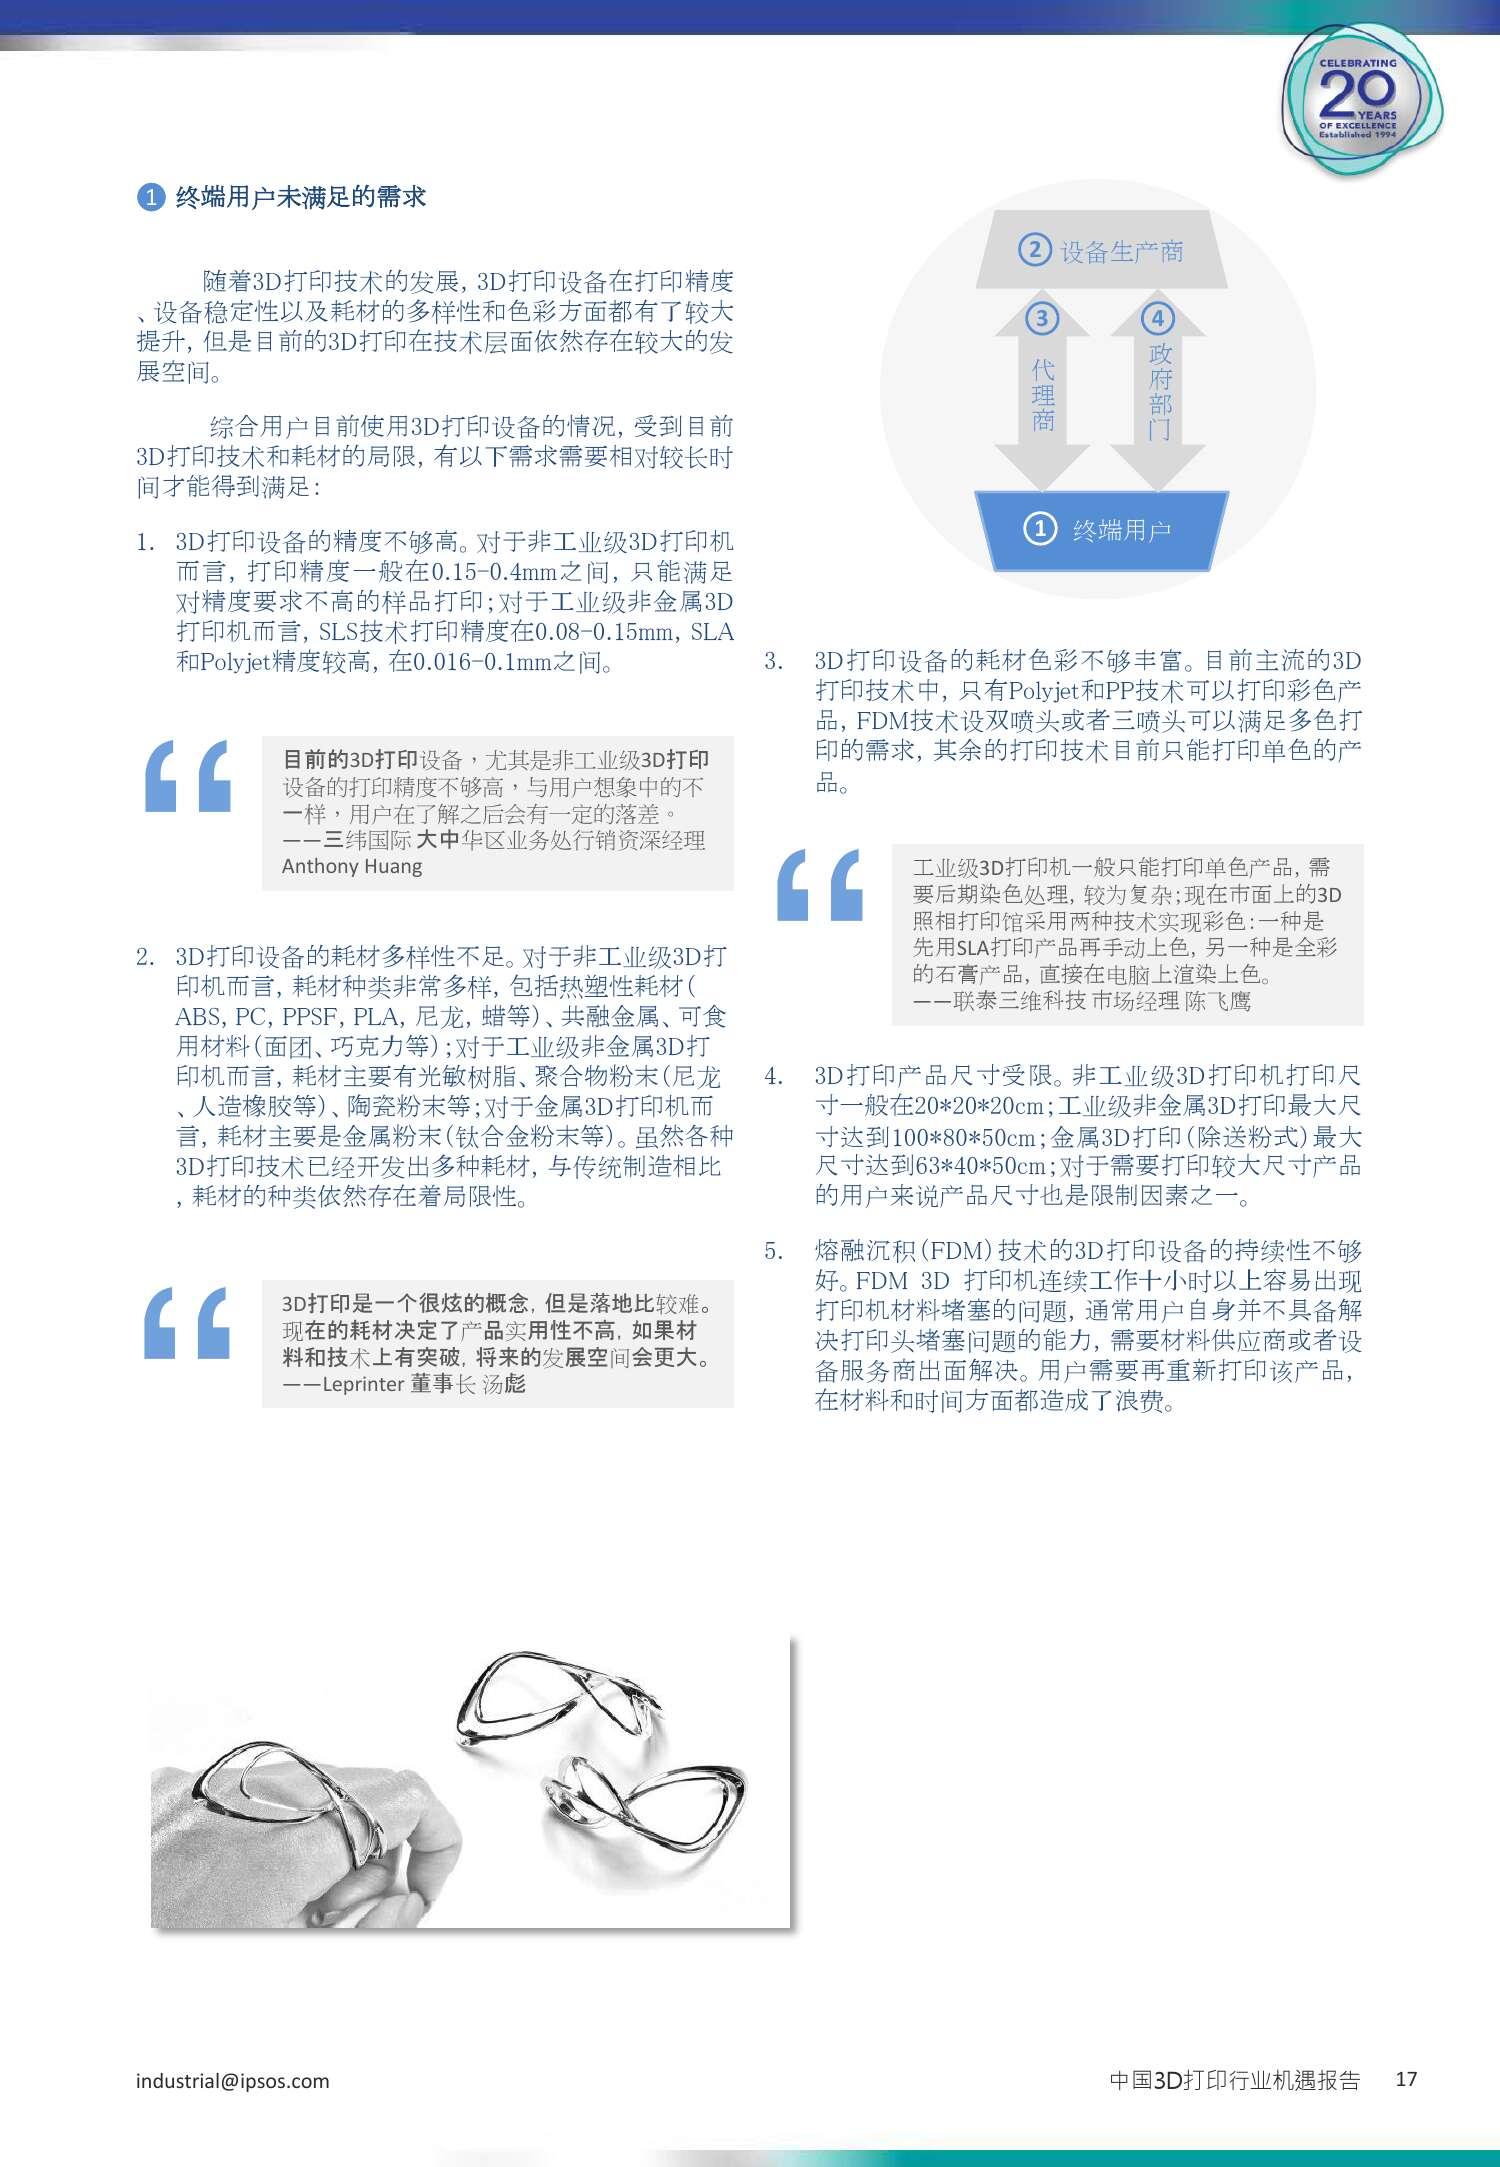 3D打印行业机遇报告_000017